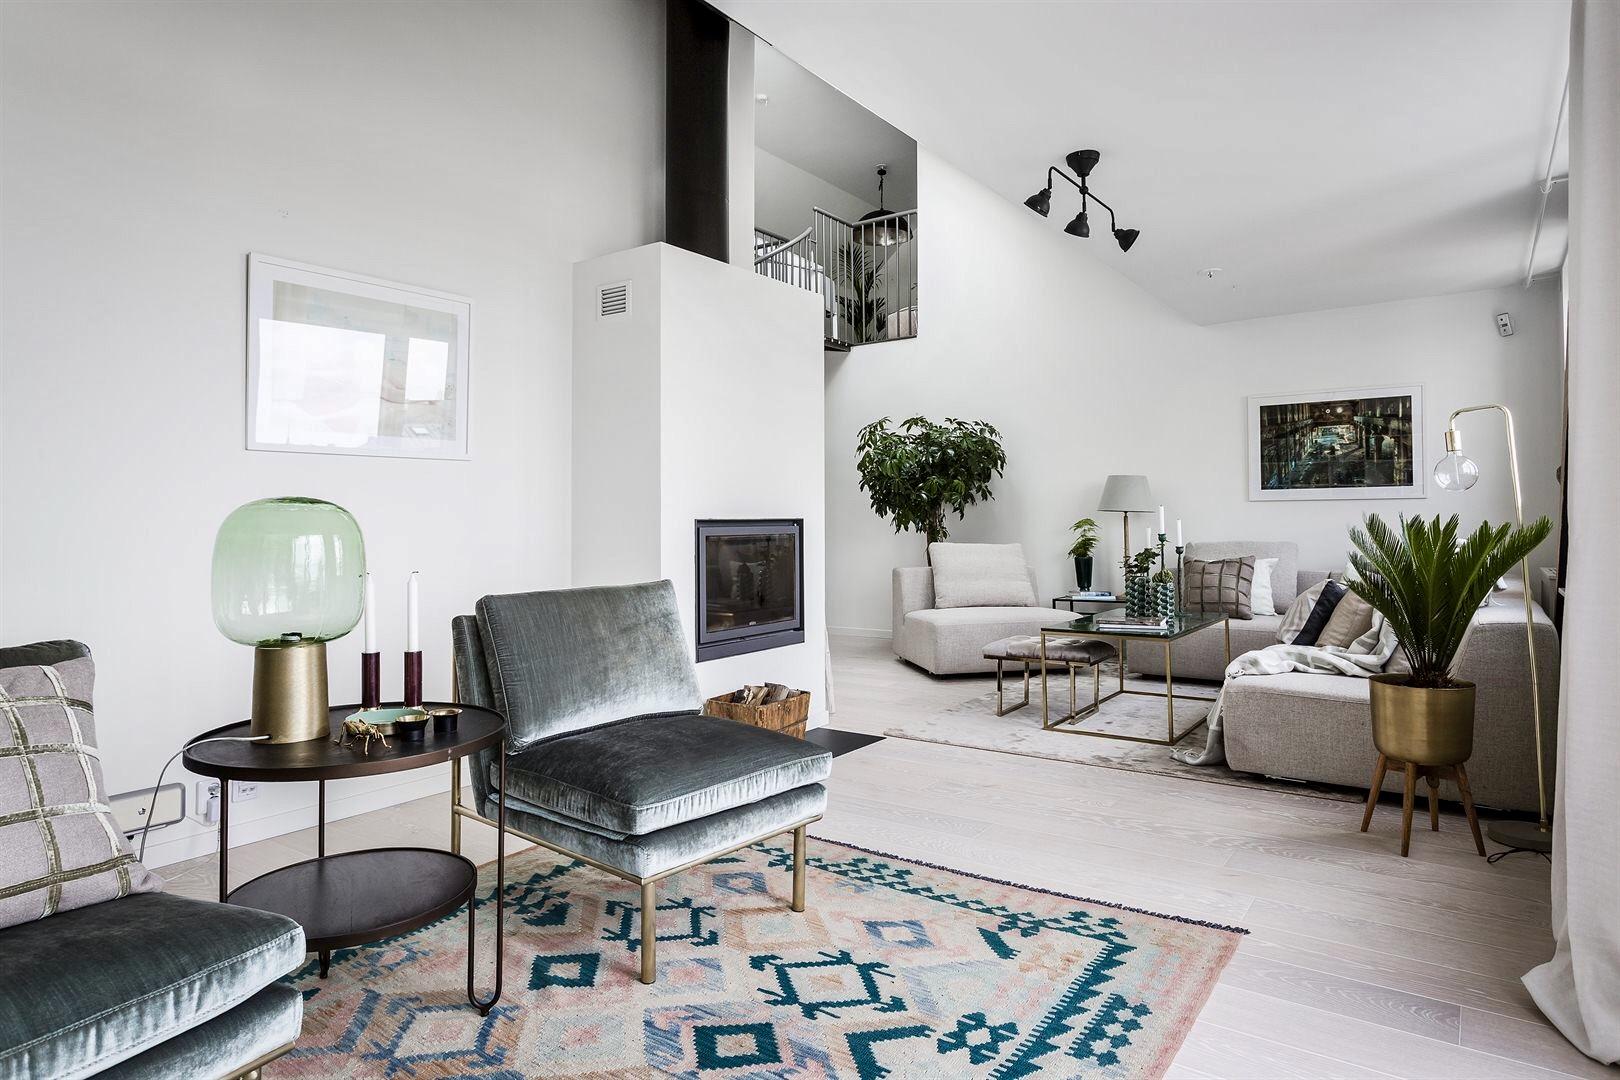 гостиная мягкая мебель ковер журнальный столик кресло камин дрова